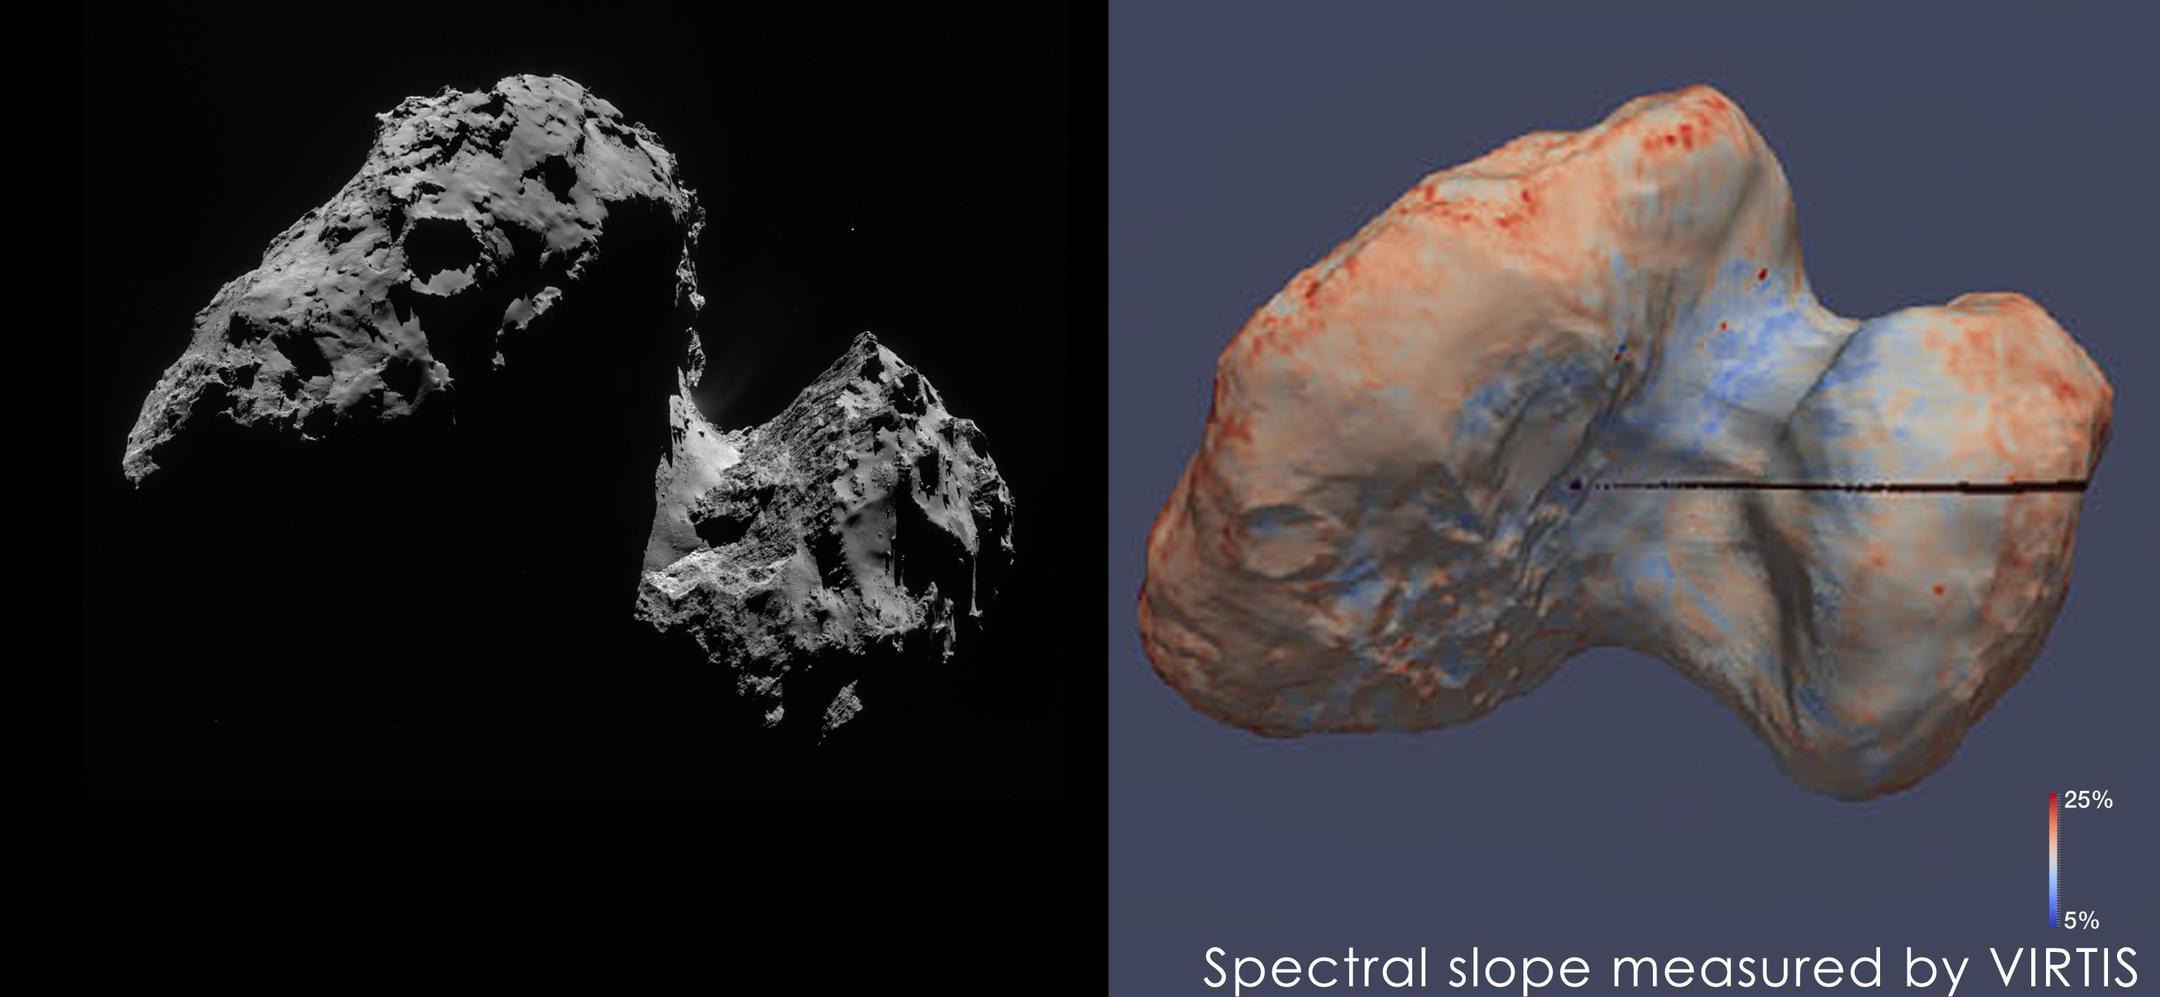 Spectrométrie de la comète 67P/Churyumov-Gerasimenko par Virtis